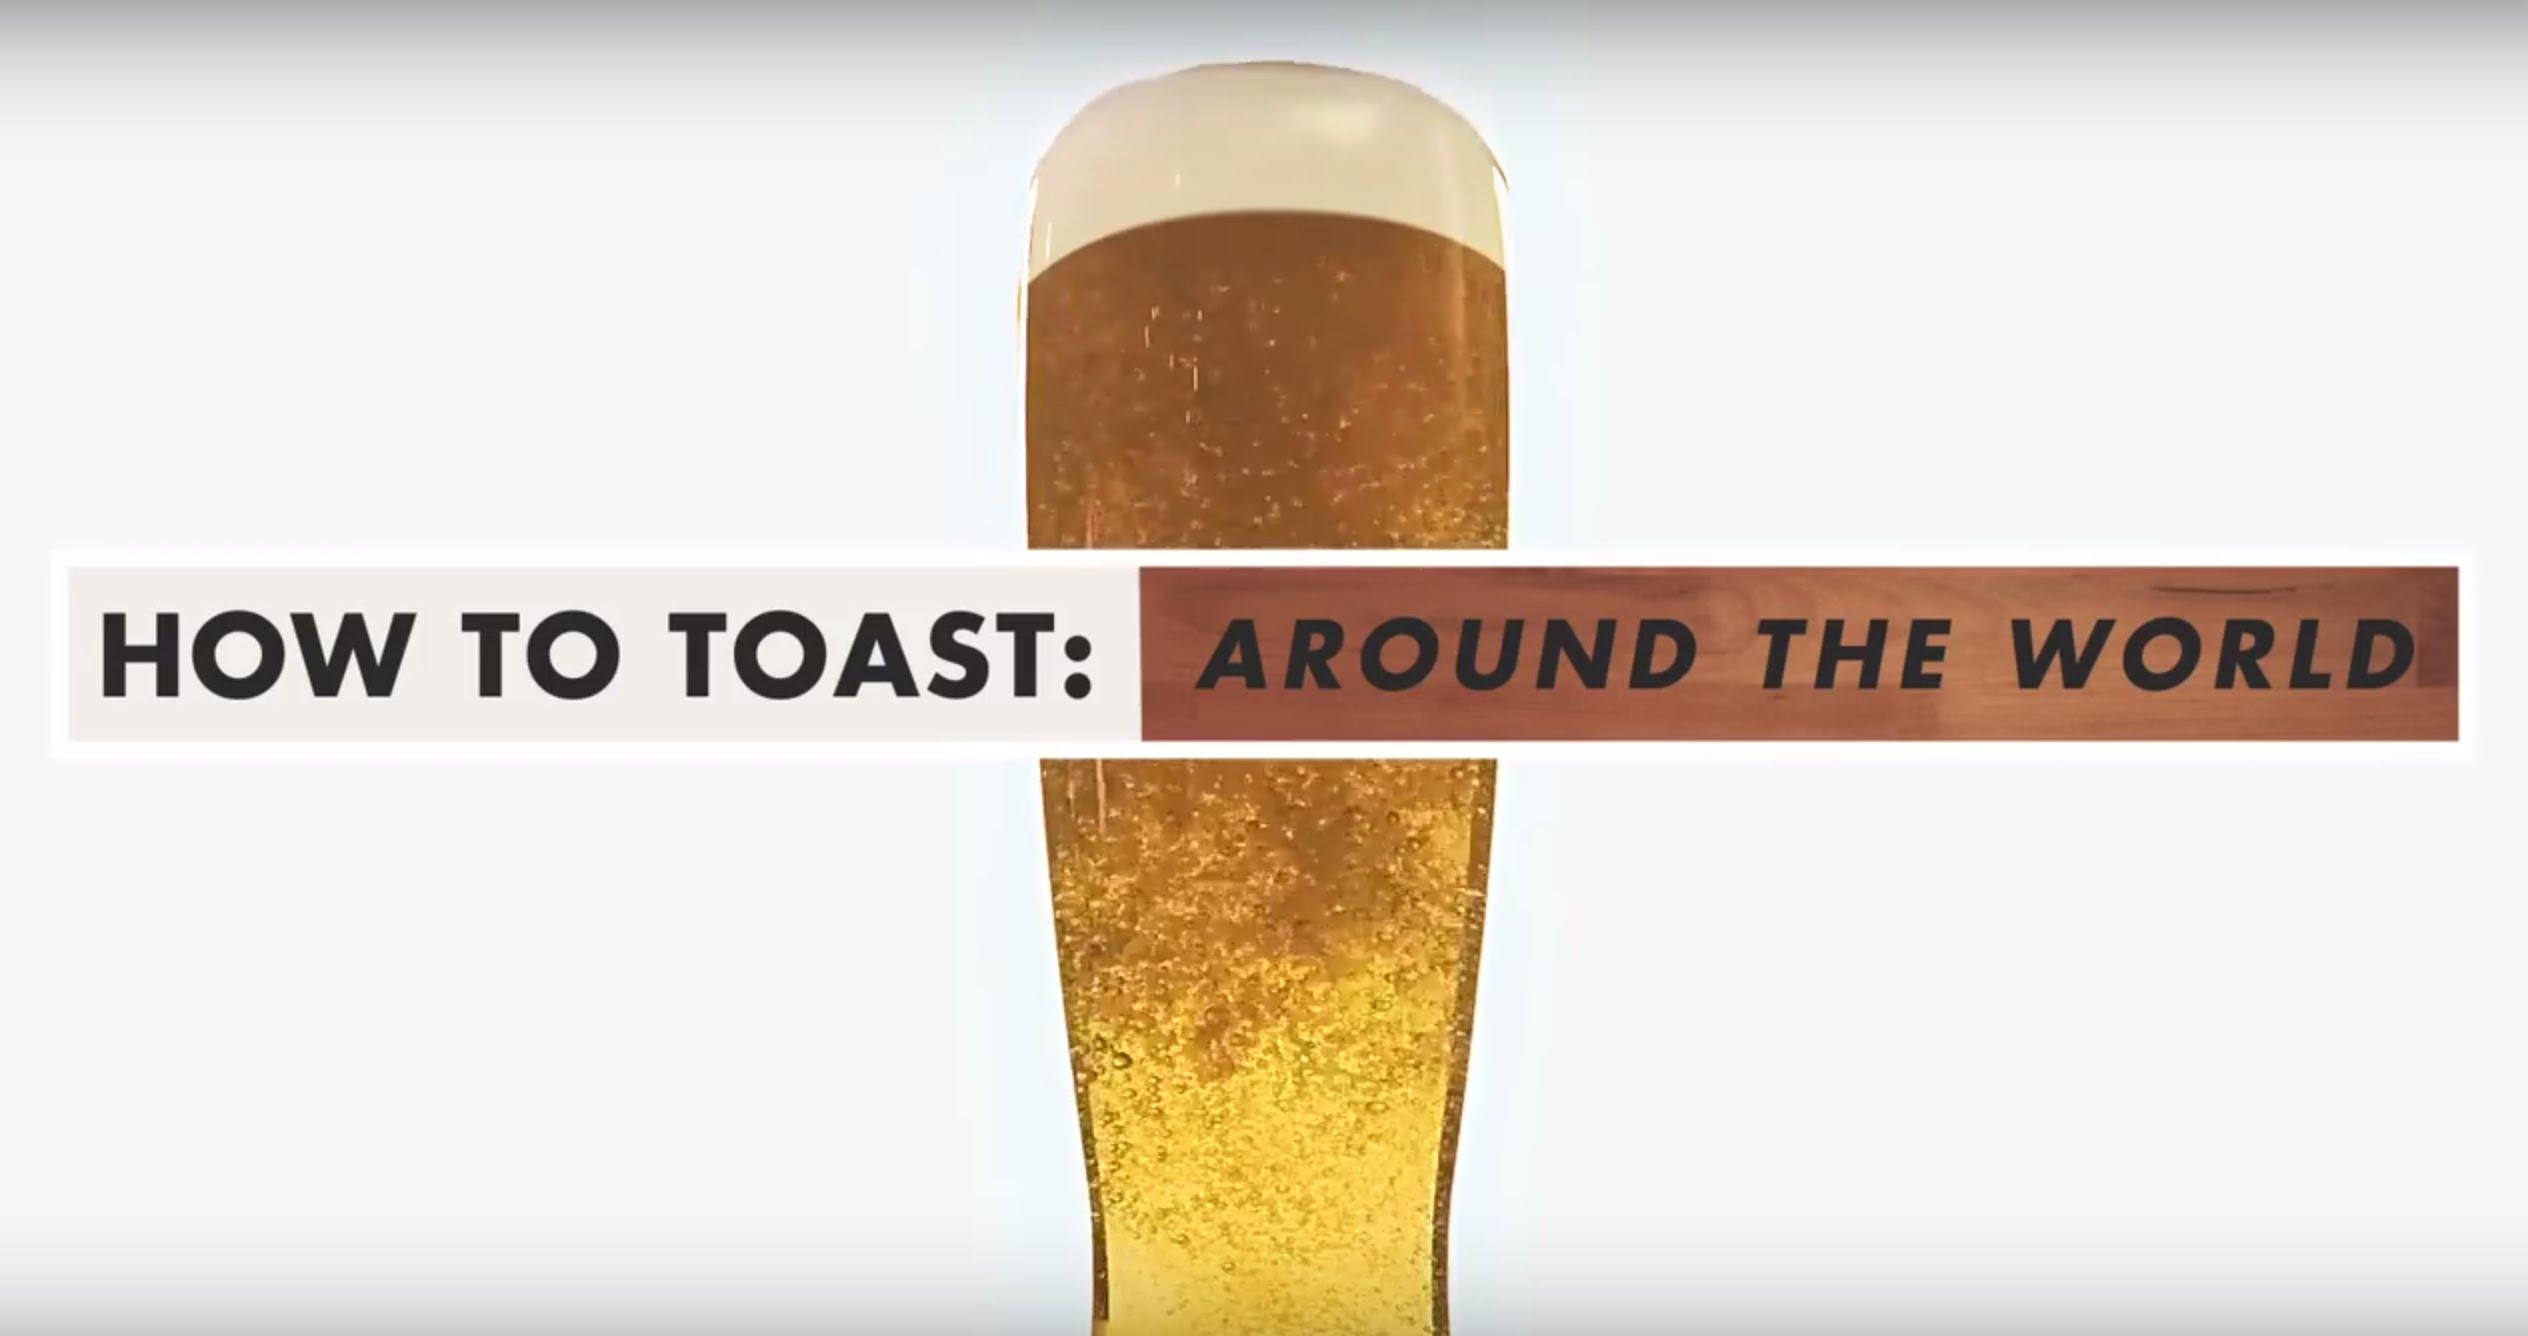 ビールで乾杯! の掛け声&作法を国別で紹介